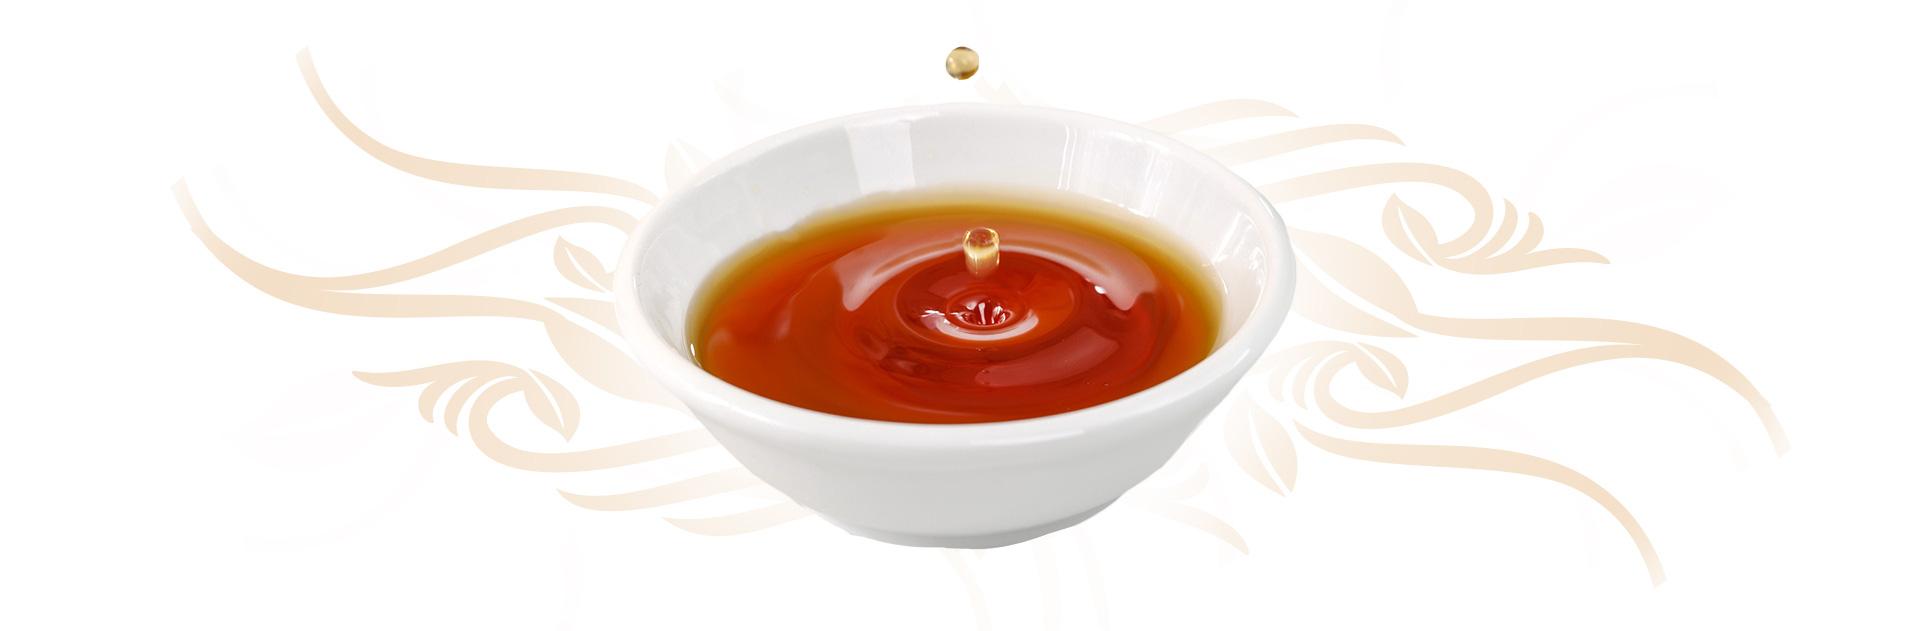 Những bữa cơm Việt truyền thống thấm đượm vị yêu thương - Ảnh 1.